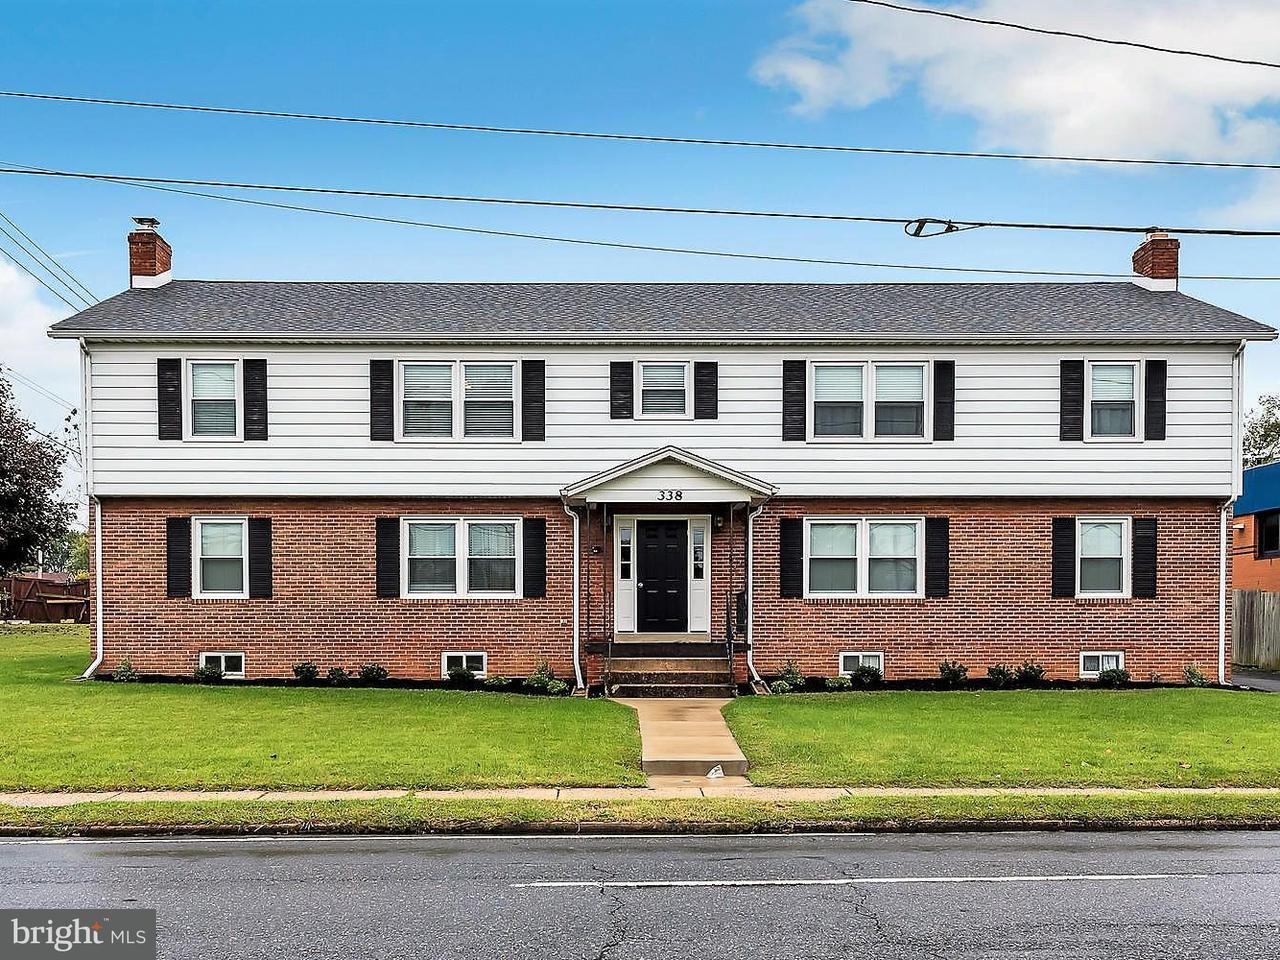 Einfamilienhaus für Verkauf beim 338 JEFFERSON ST S 338 JEFFERSON ST S Frederick, Maryland 21701 Vereinigte Staaten